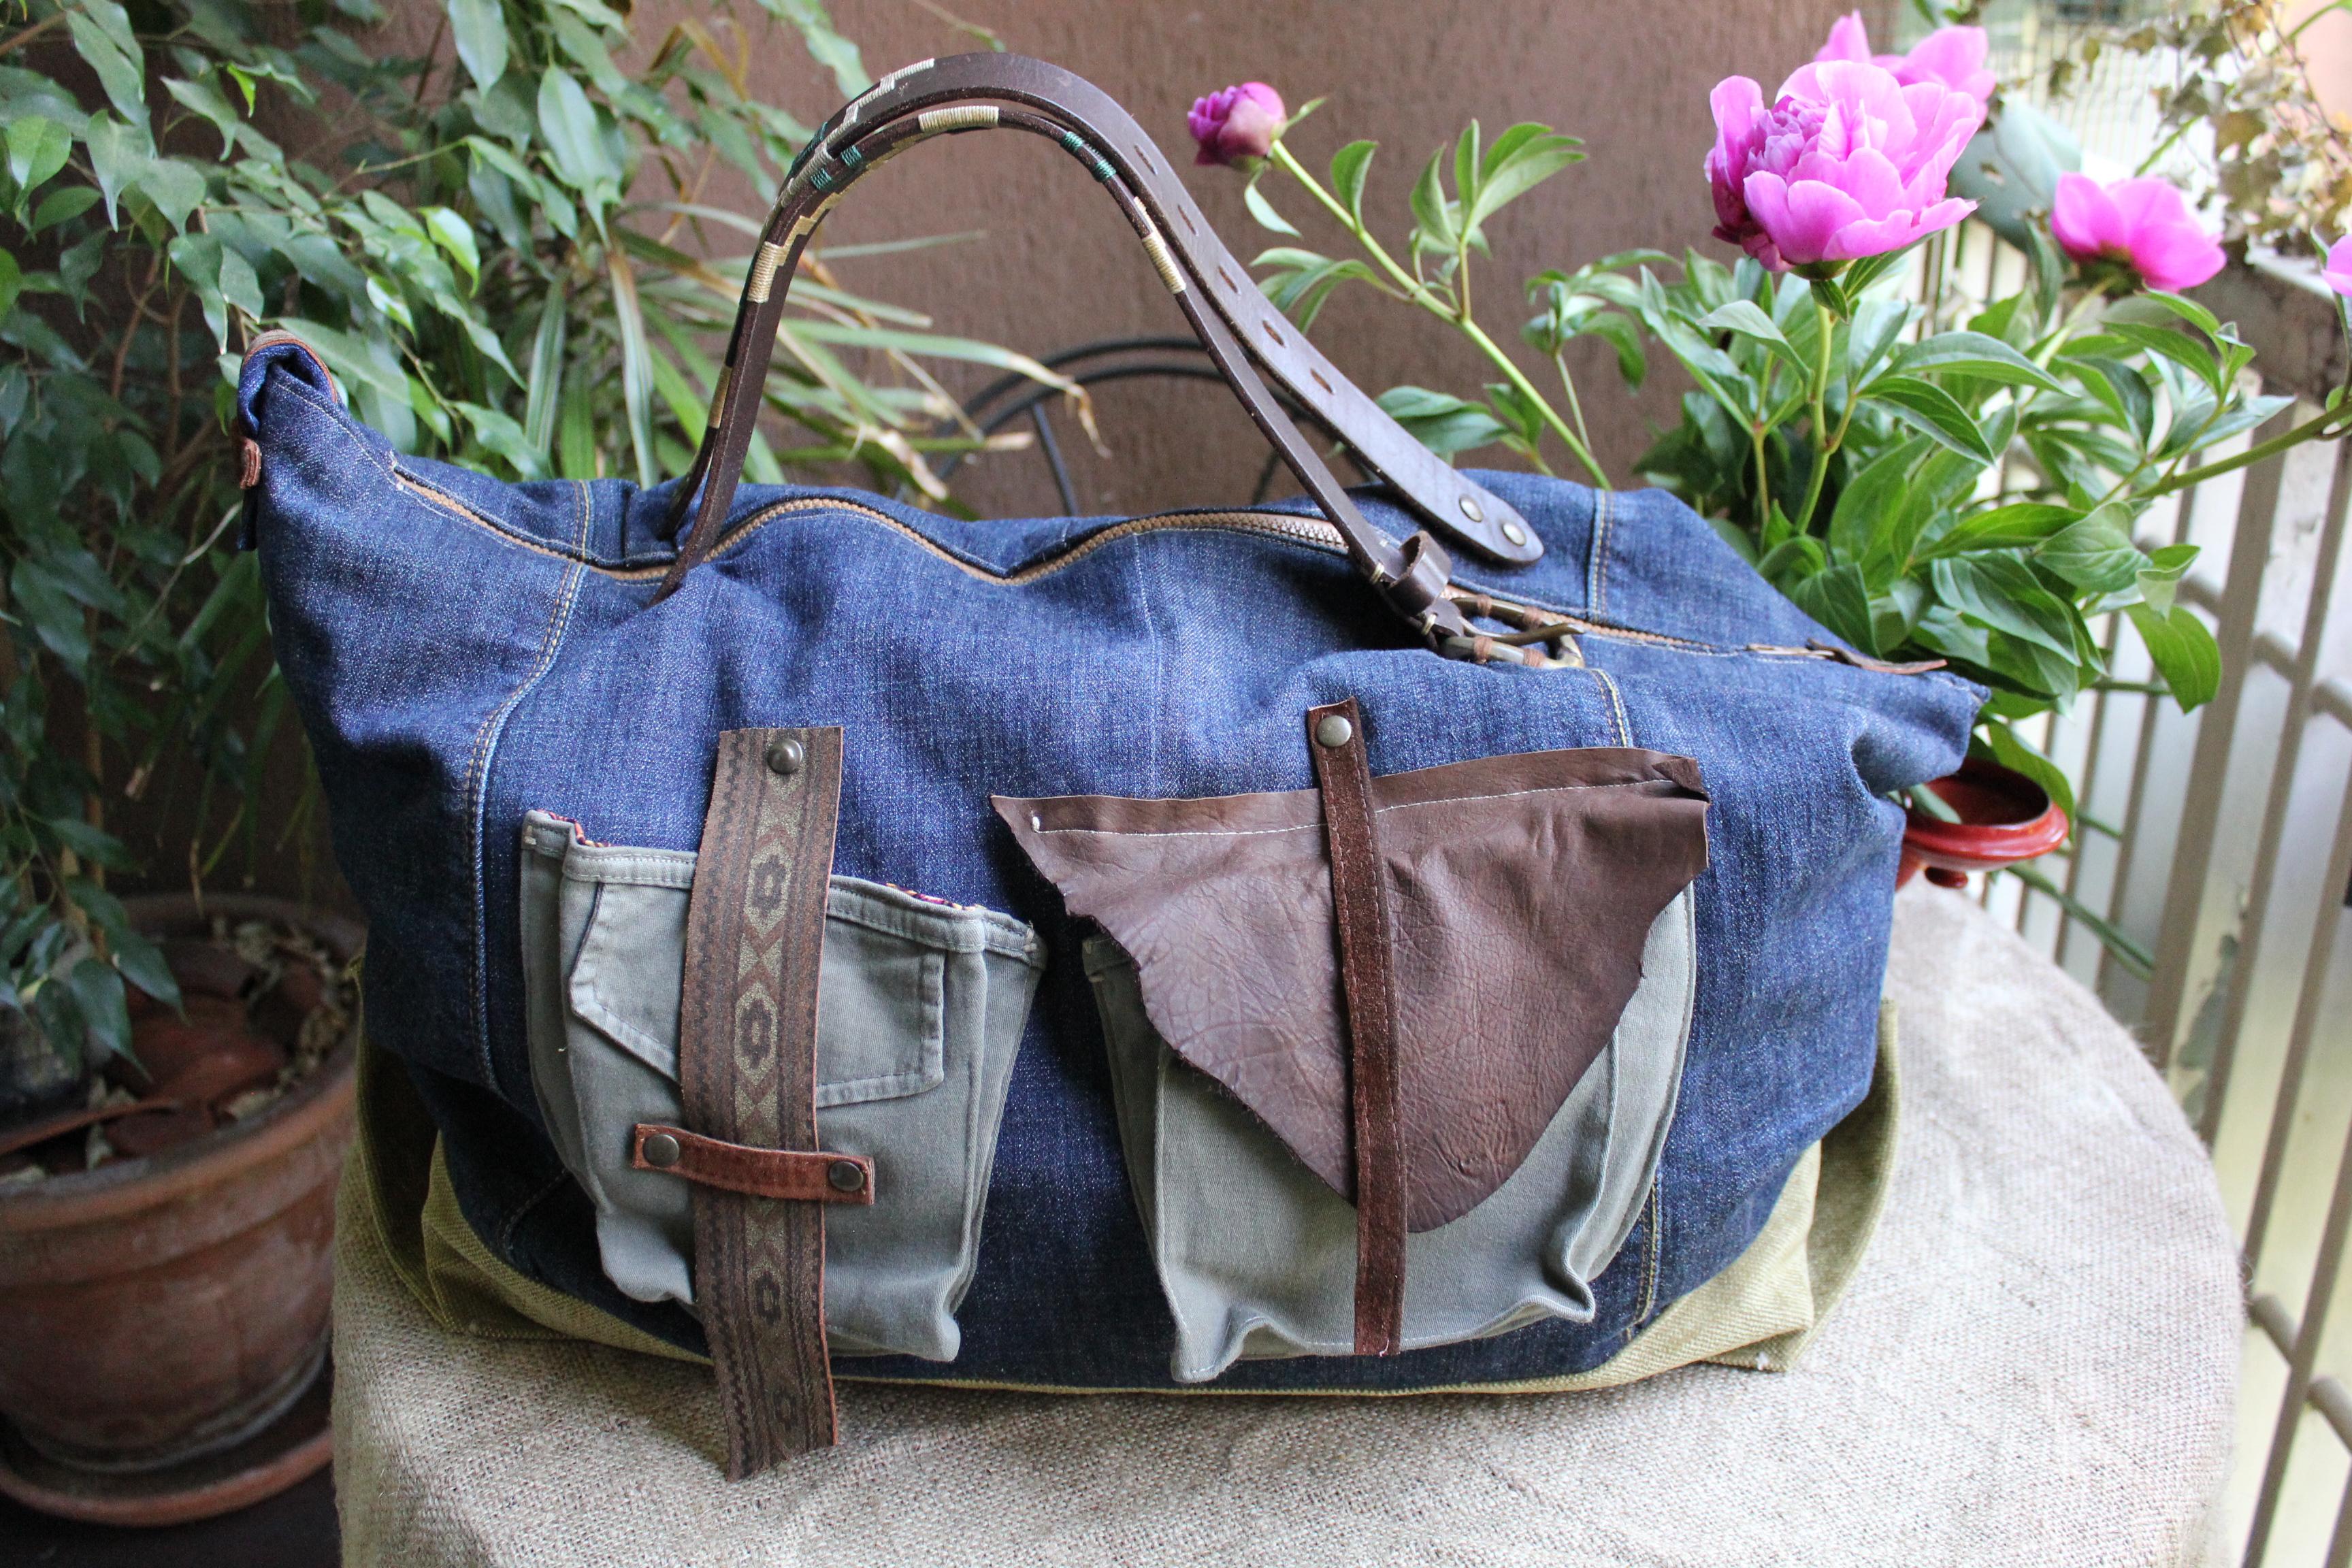 aspetto dettagliato deeee cf736 borsa-viaggio-jeans   TEKOA MILANO